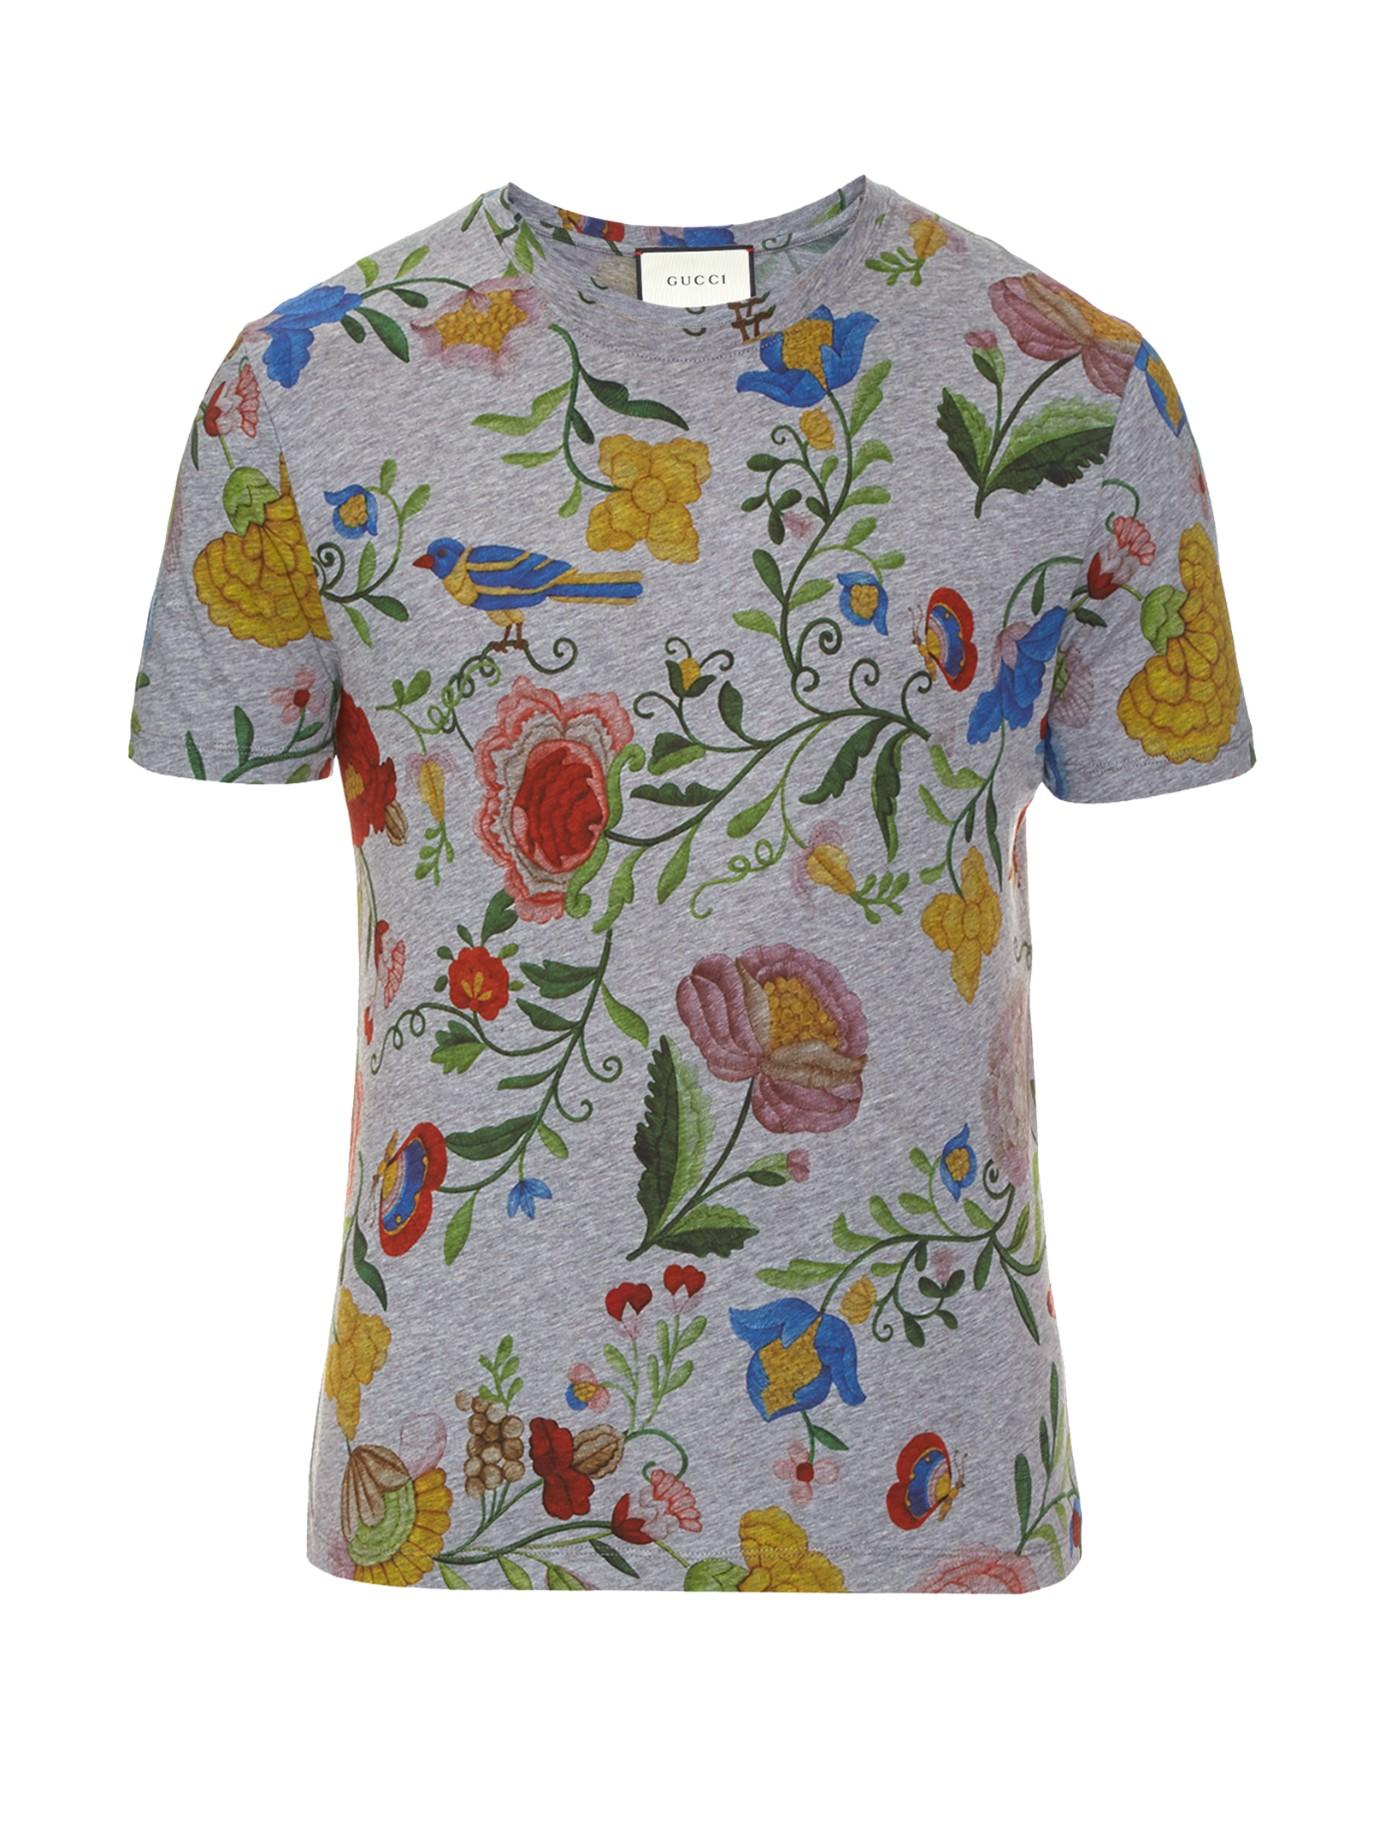 Gucci Floral print Cotton T shirt for Men Lyst